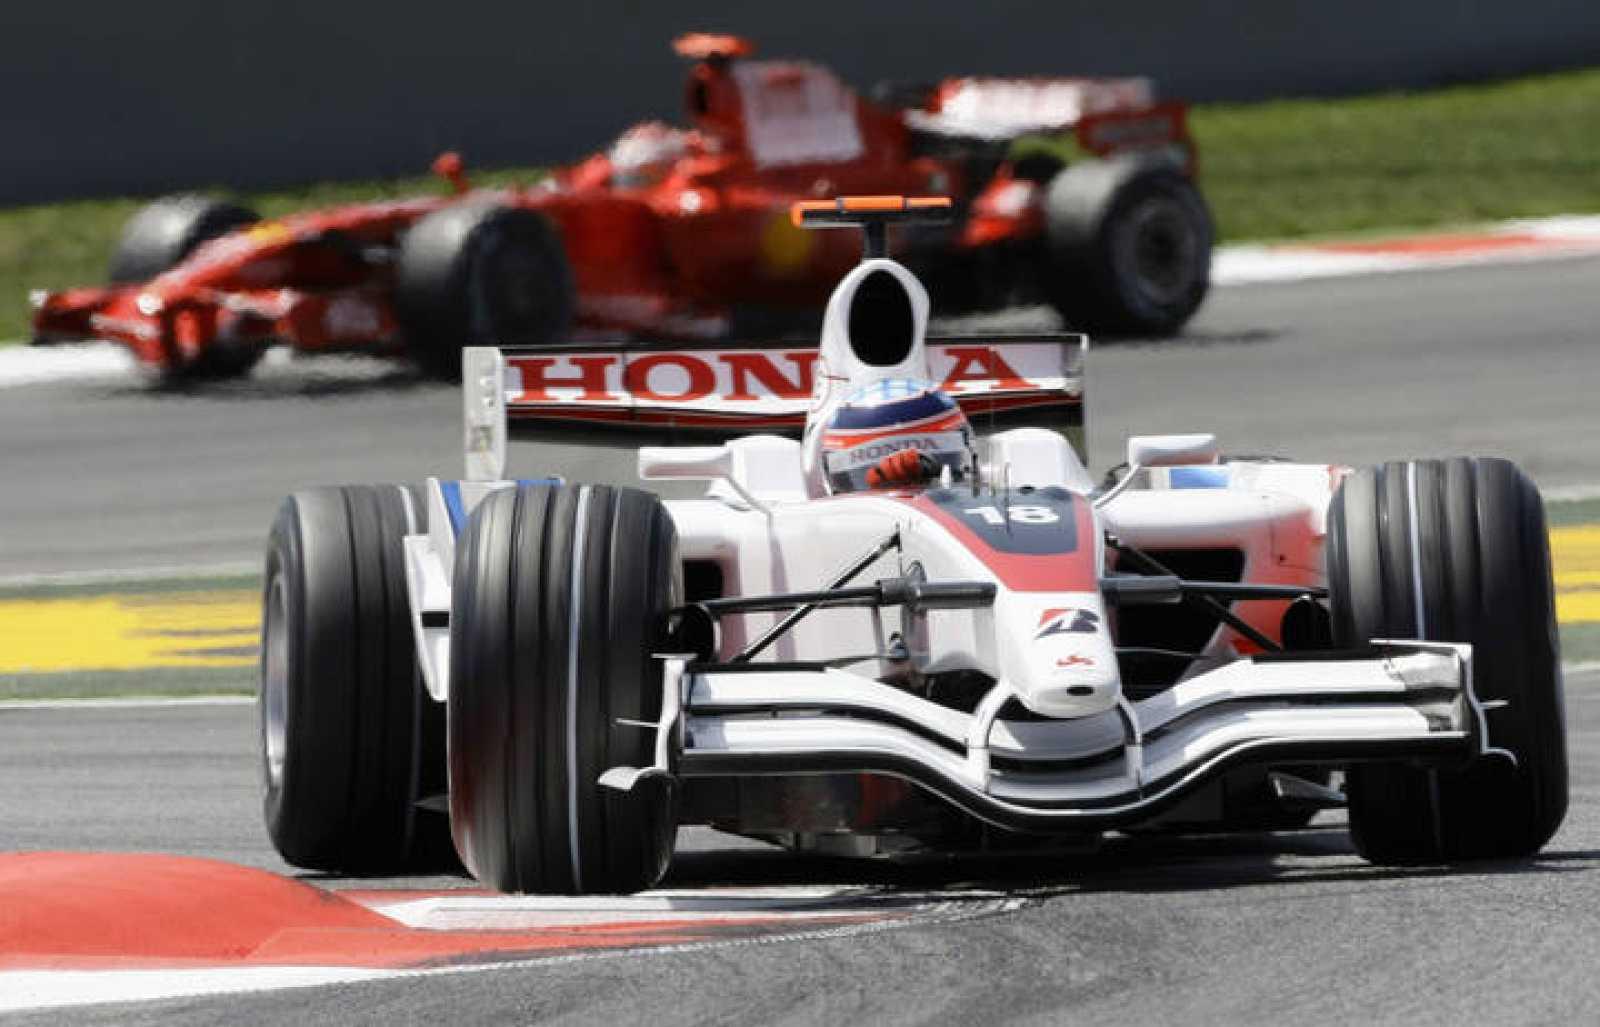 El piloto japonés de Super Aguri, Takuma Sato, toma una curva durante la segunda sesión de entrenamientos libres del GP de España en Montmeló el 25 de abril de 2008.